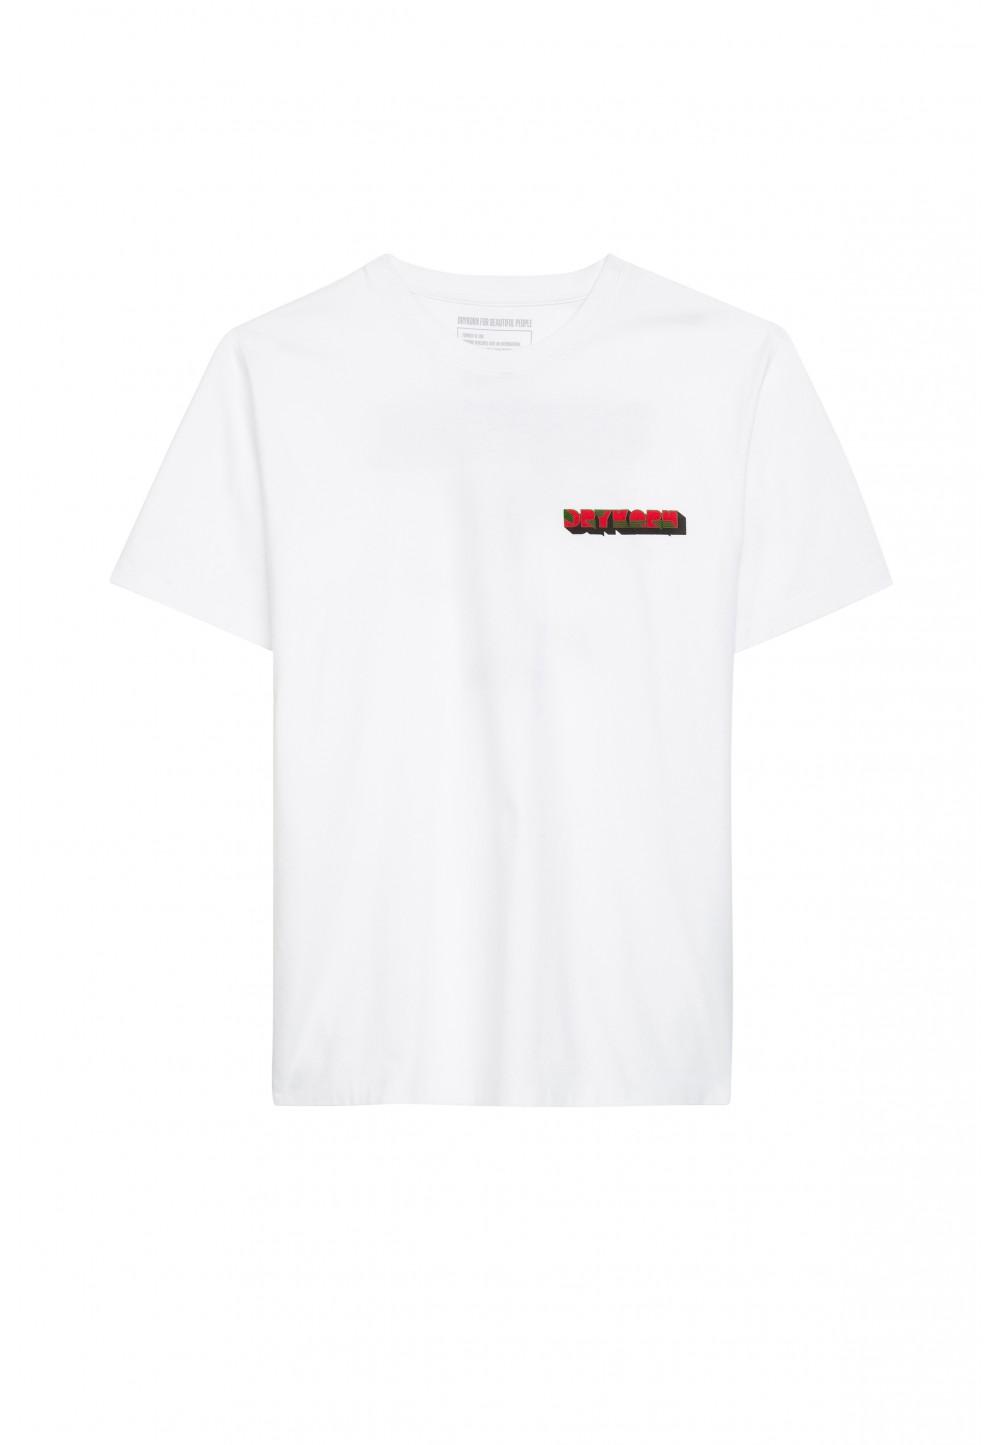 Мужская футболка  SAMUEL_BAR  с лого